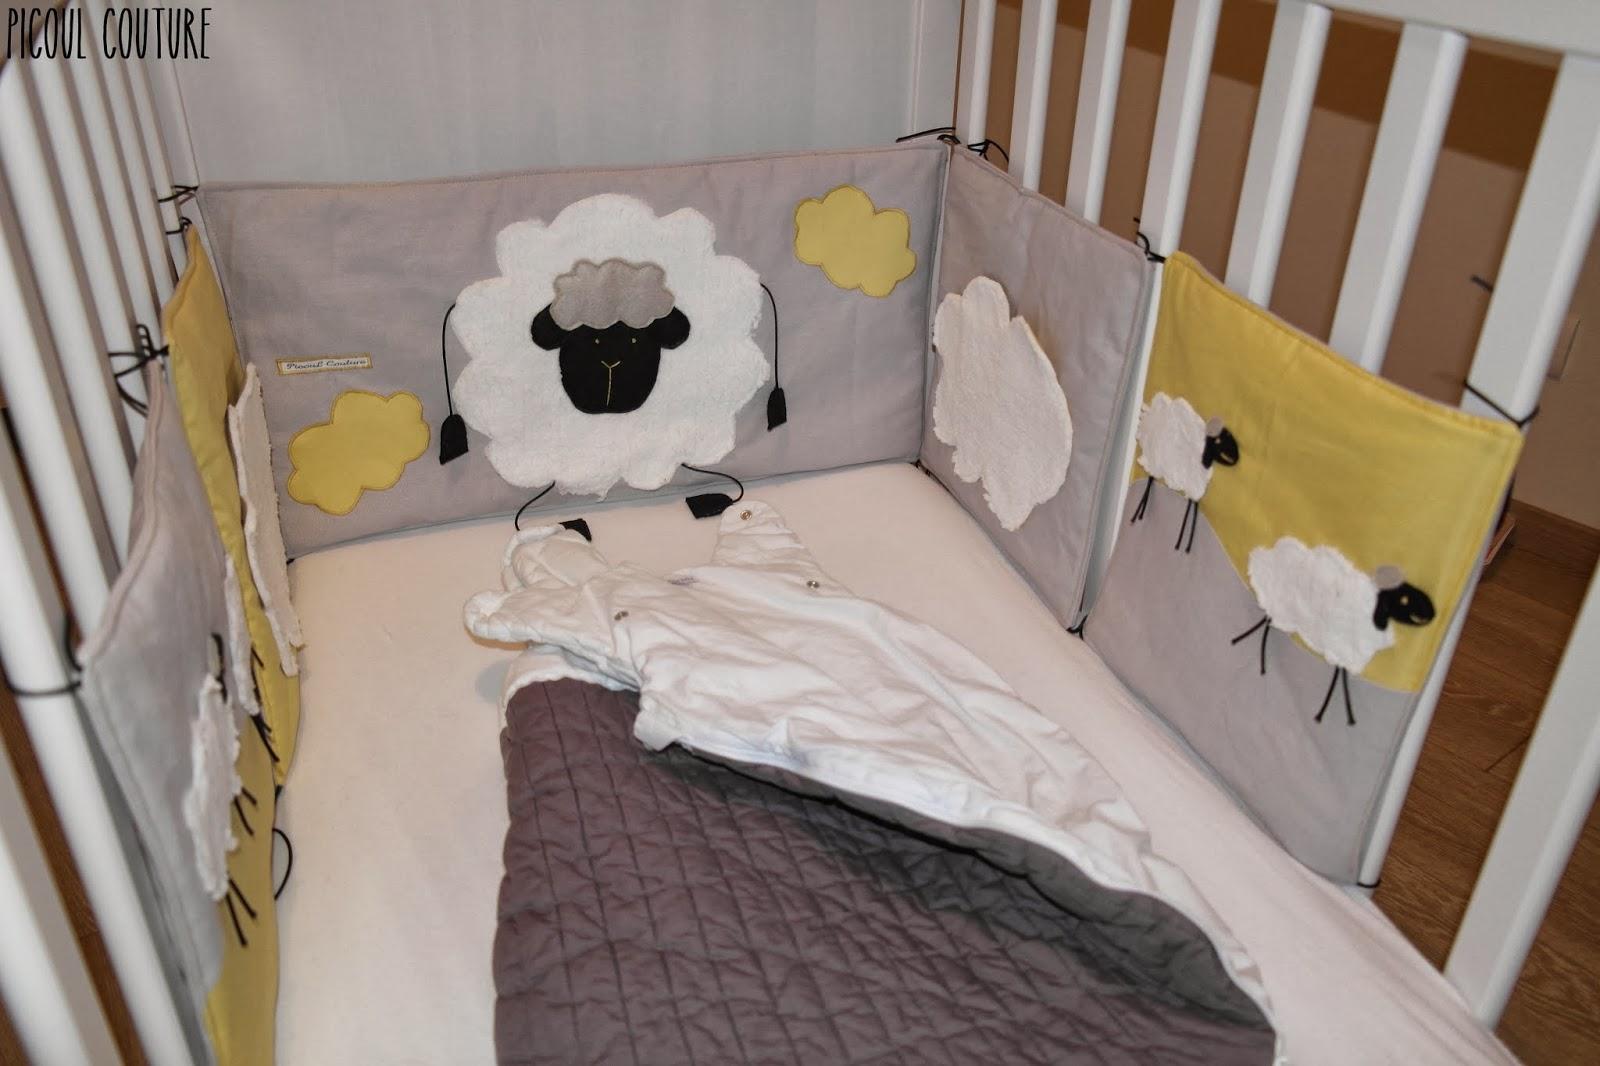 Tour De Lit : Picoul couture le tour de lit sur thème quot moutons et